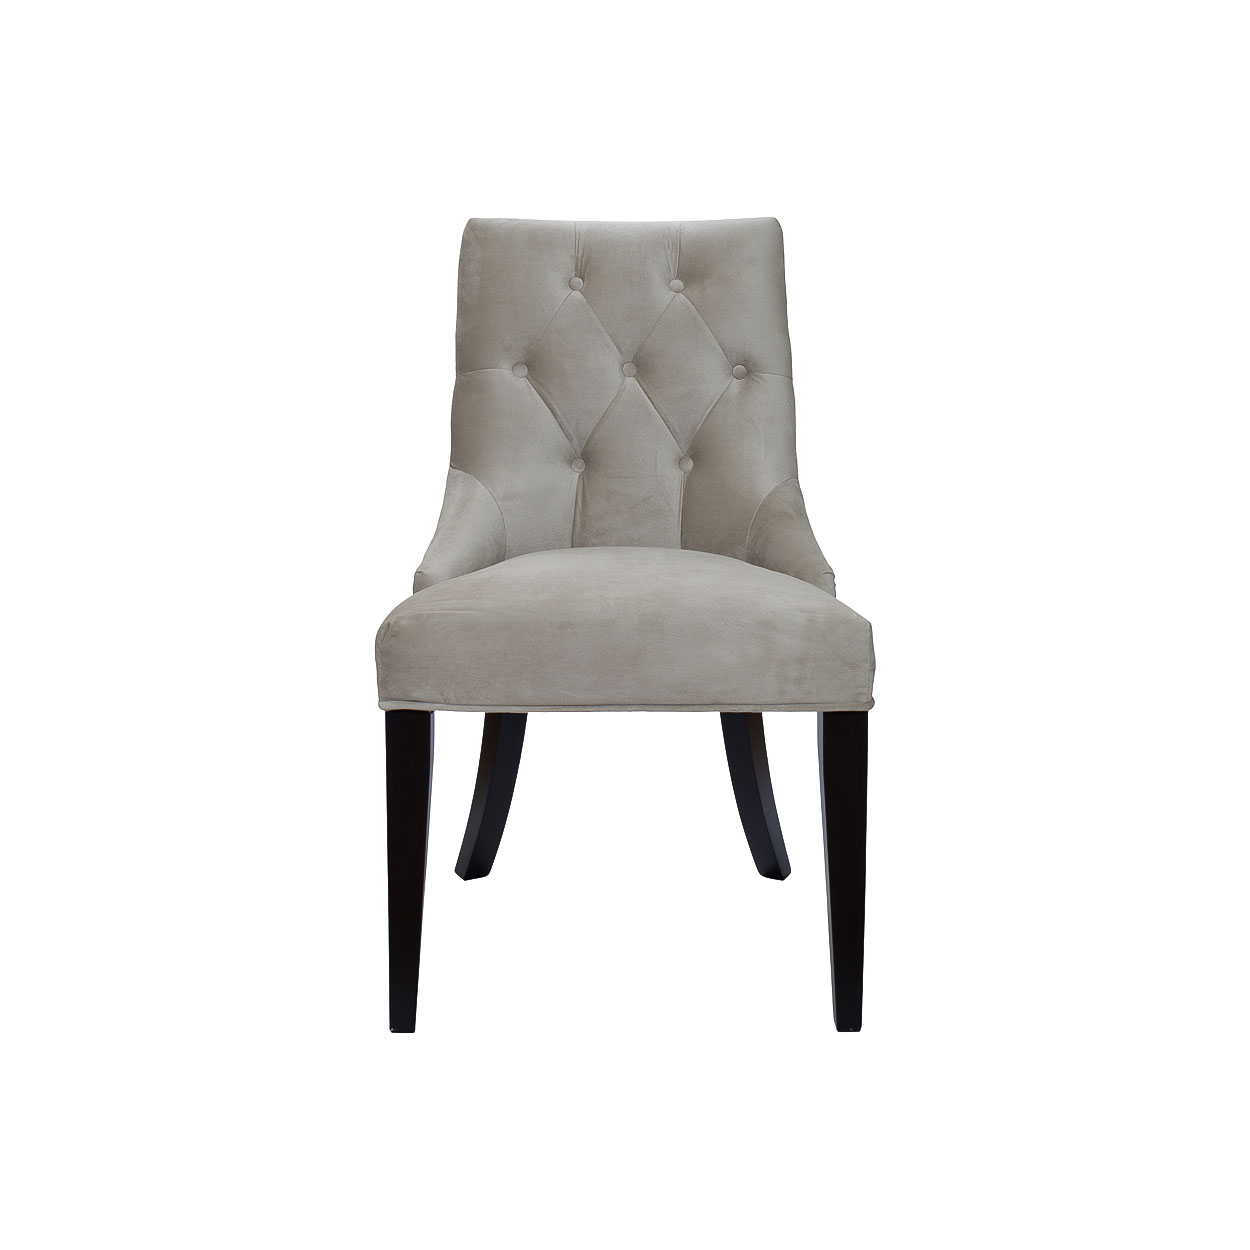 ПолкуреслоПолукресла<br>Стиль ар деко, идеально подходящий для создания шикарных интерьеров, воплощен в дизайне этого стула. Присущая ему контрастность выражена в сочетании противоположных цветов. Изящество обнаруживается благодаря элегантному силуэту, изюминкой которого выступает расширяющаяся книзу спинка. Обивка из мягкого велюра добавляет дороговизны оформлению, делая его по-настоящему роскошным.&amp;lt;div&amp;gt;&amp;lt;br&amp;gt;&amp;lt;/div&amp;gt;&amp;lt;div&amp;gt;Материалы: бежевый велюр, деревянные ножки.&amp;lt;/div&amp;gt;<br><br>Material: Велюр<br>Ширина см: 52<br>Высота см: 89<br>Глубина см: 48